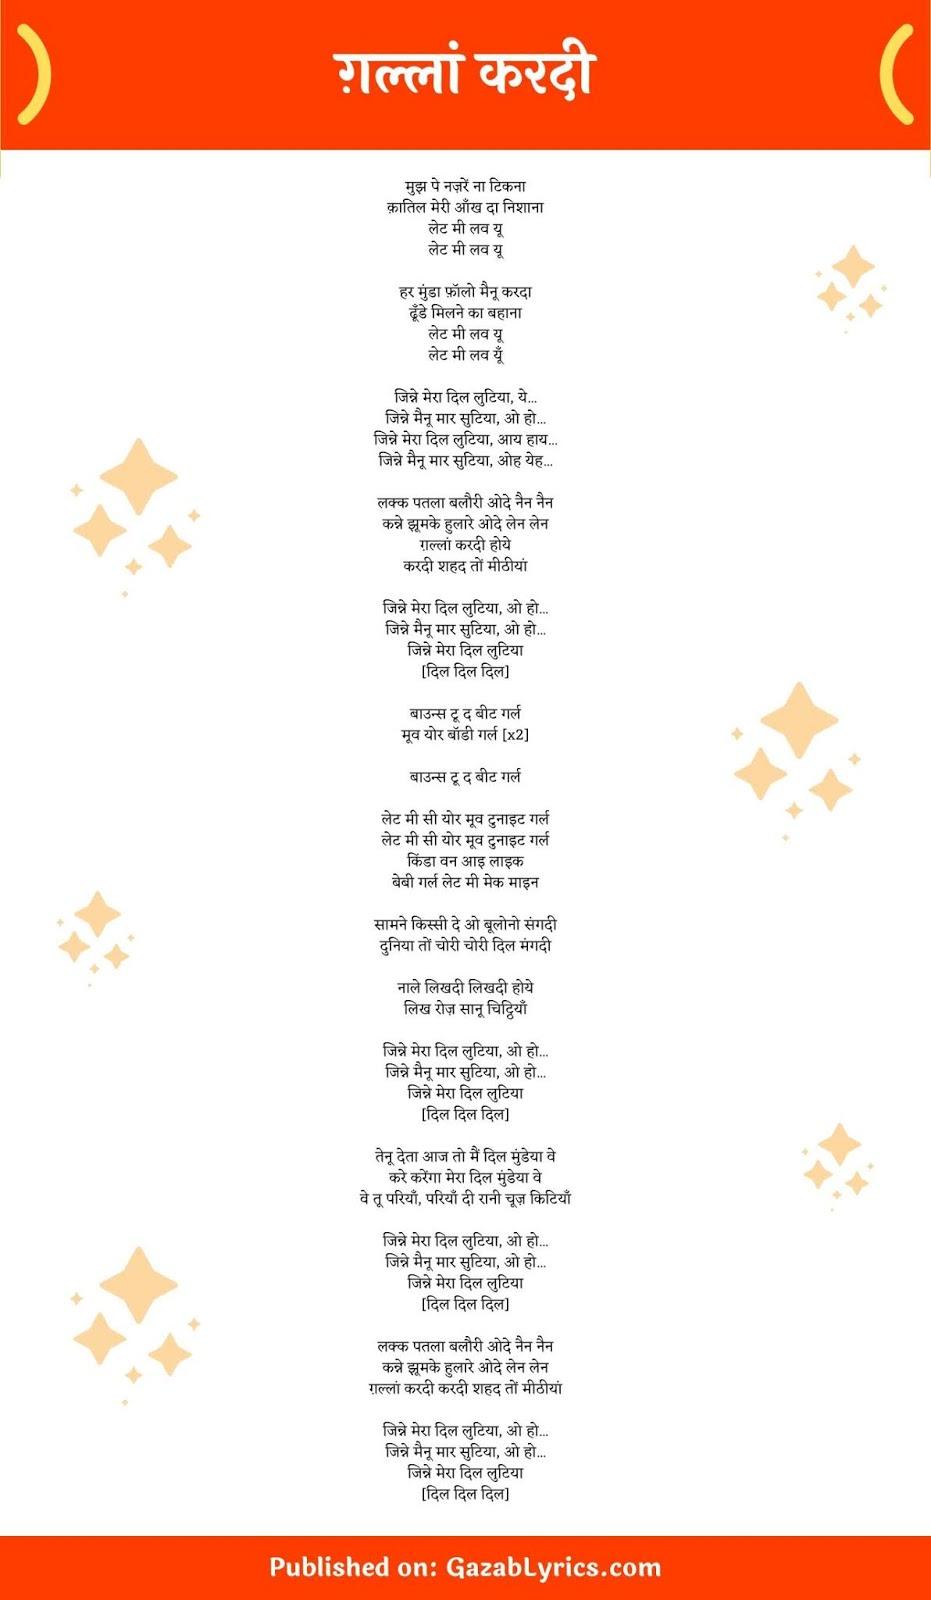 Gallan Kardi song lyrics image